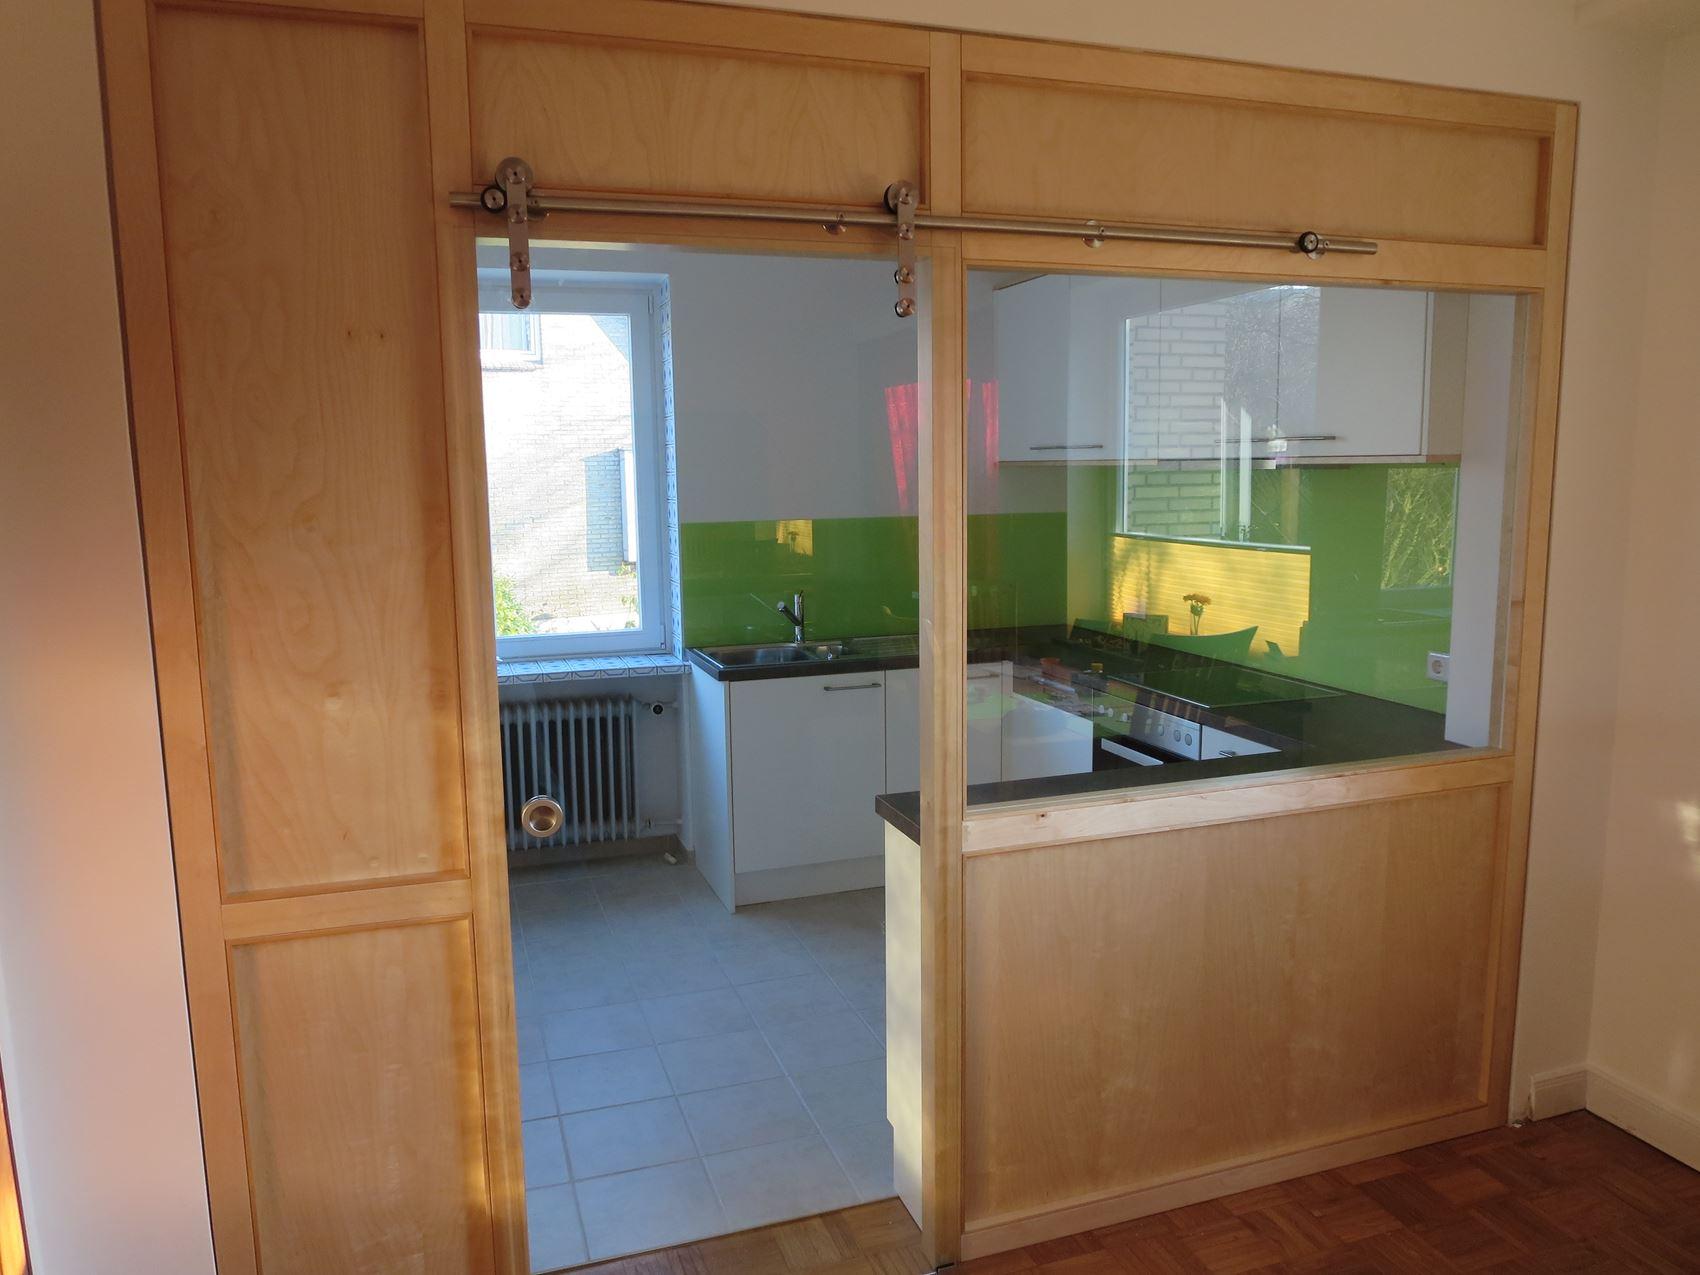 Platzsparende Küche für wenig Raum